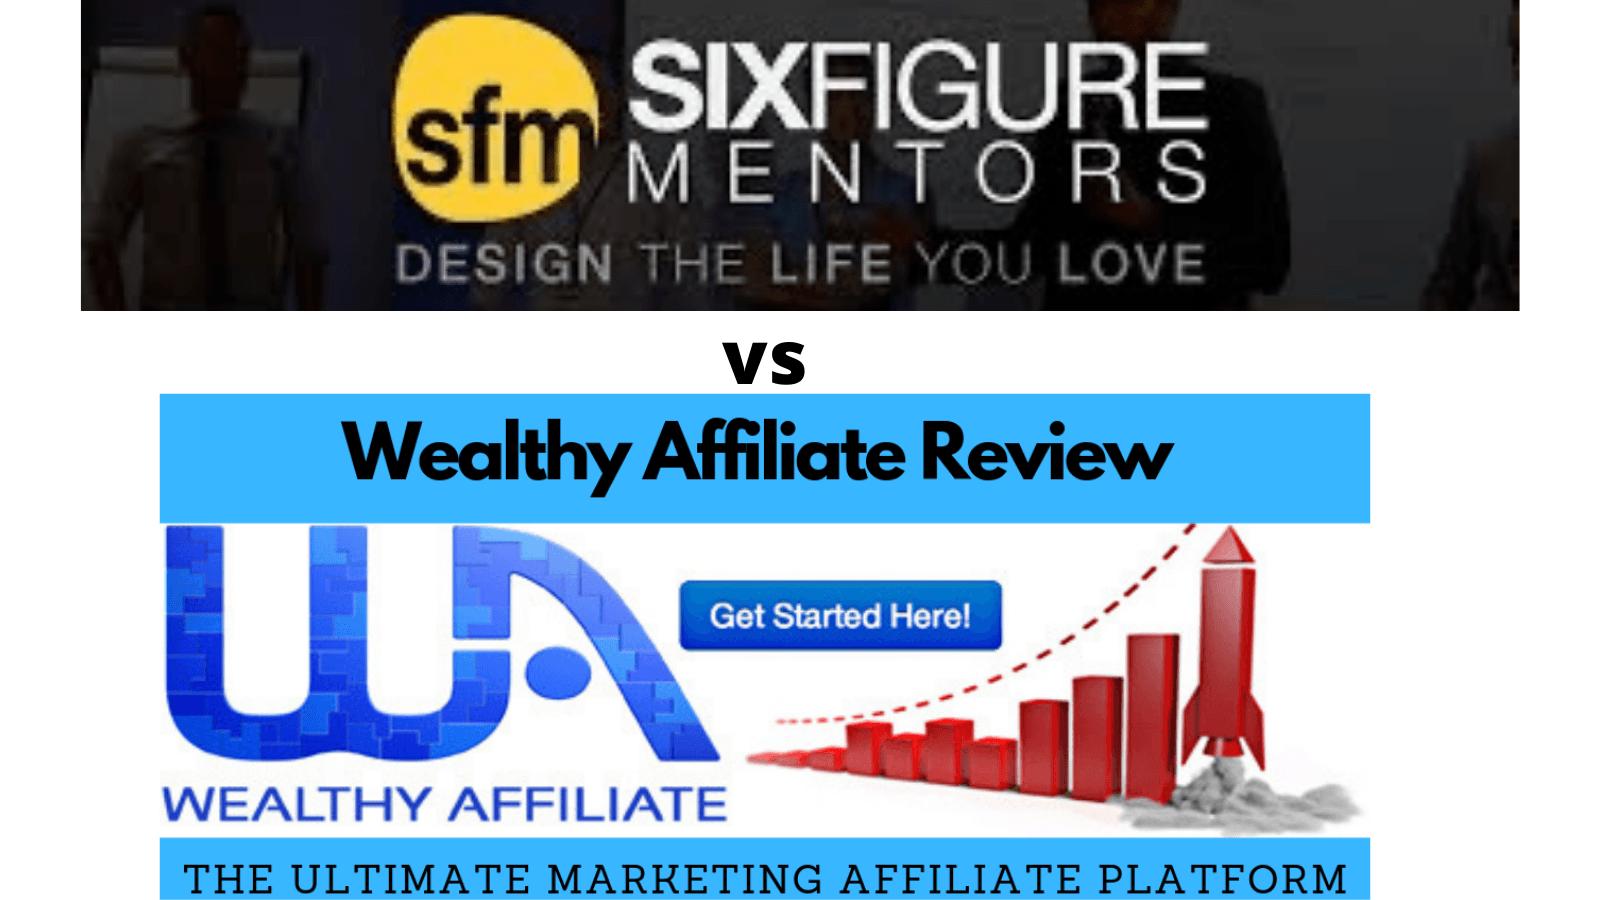 six figur mentors vs wealthy affiliate